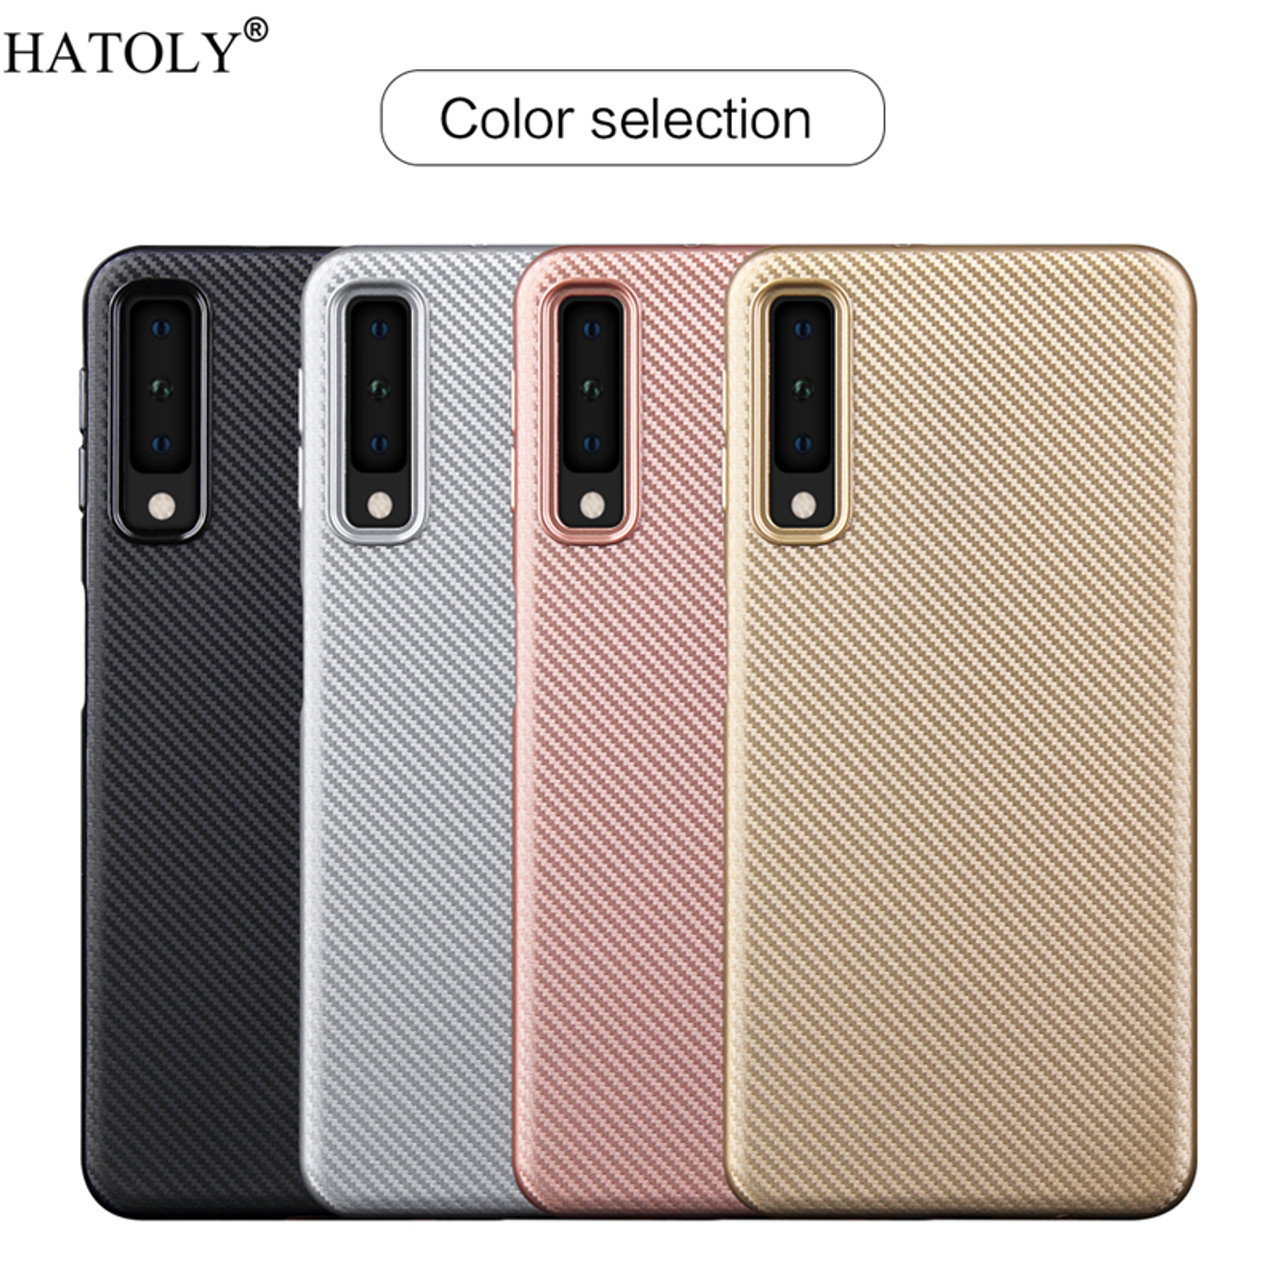 sFor Phone Case Samsung Galaxy A7 2018 Case Rubber Armor Phone Cover For  Samsung A7 2018 Case For Samsung Galaxy A7 2018 A750